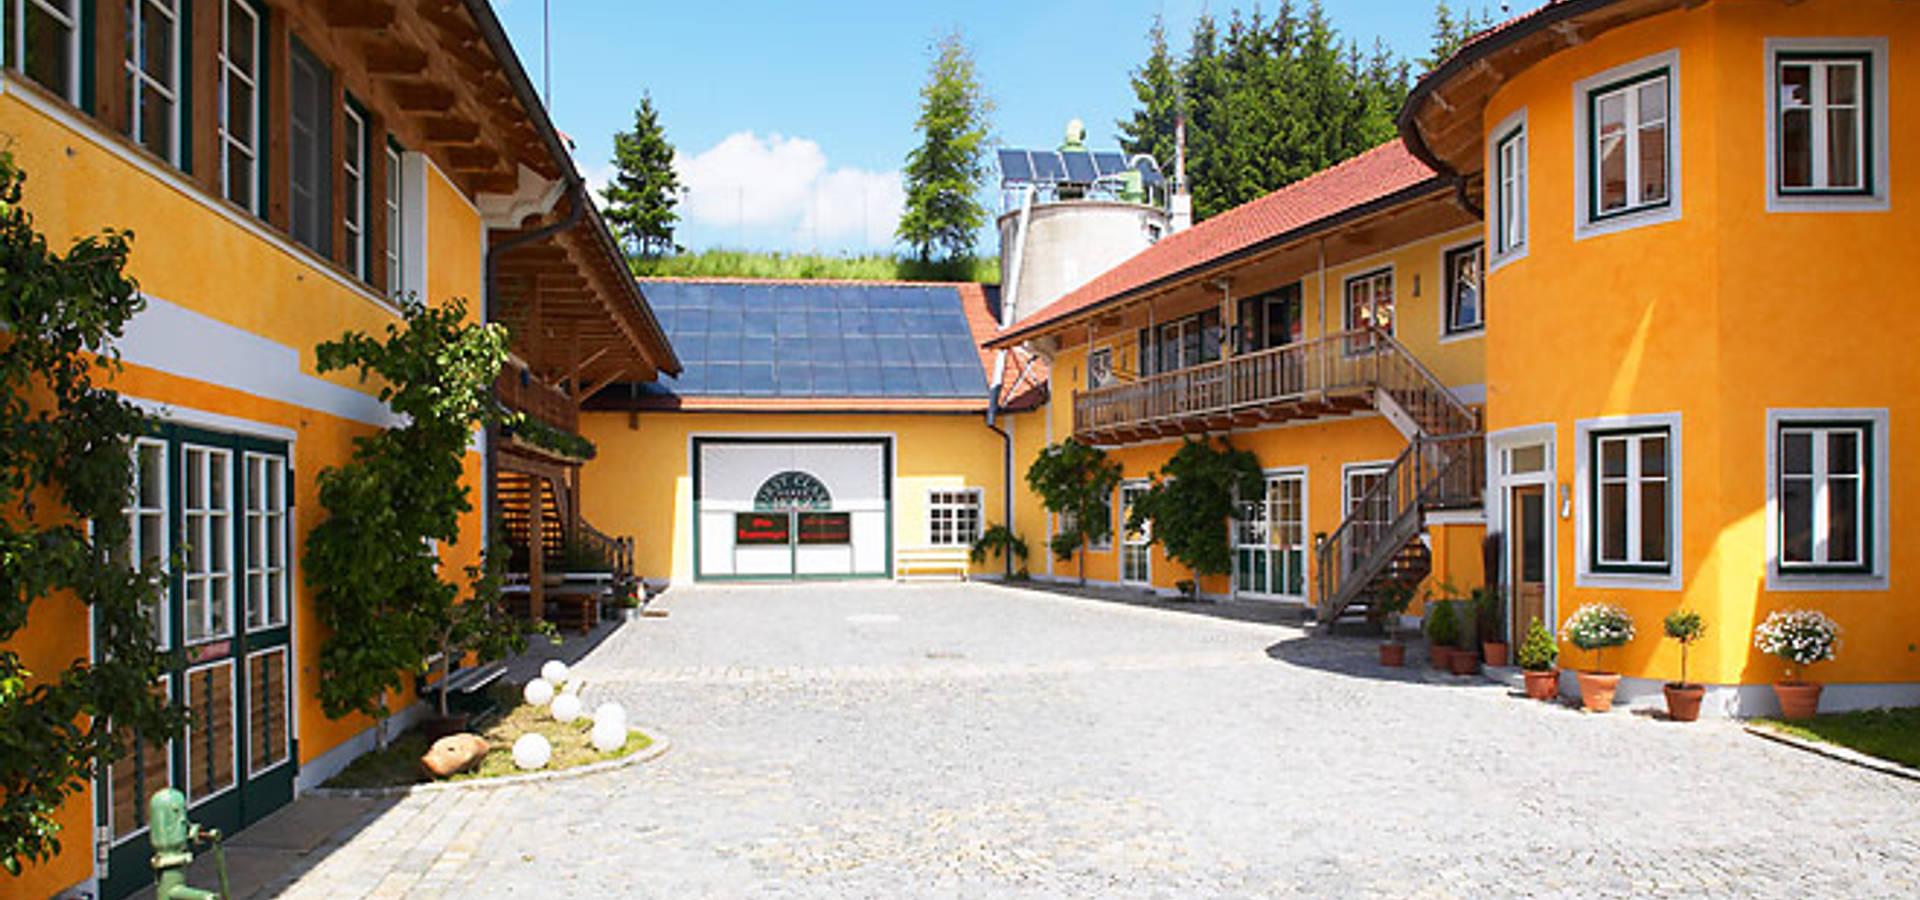 First Class Holz GmbH